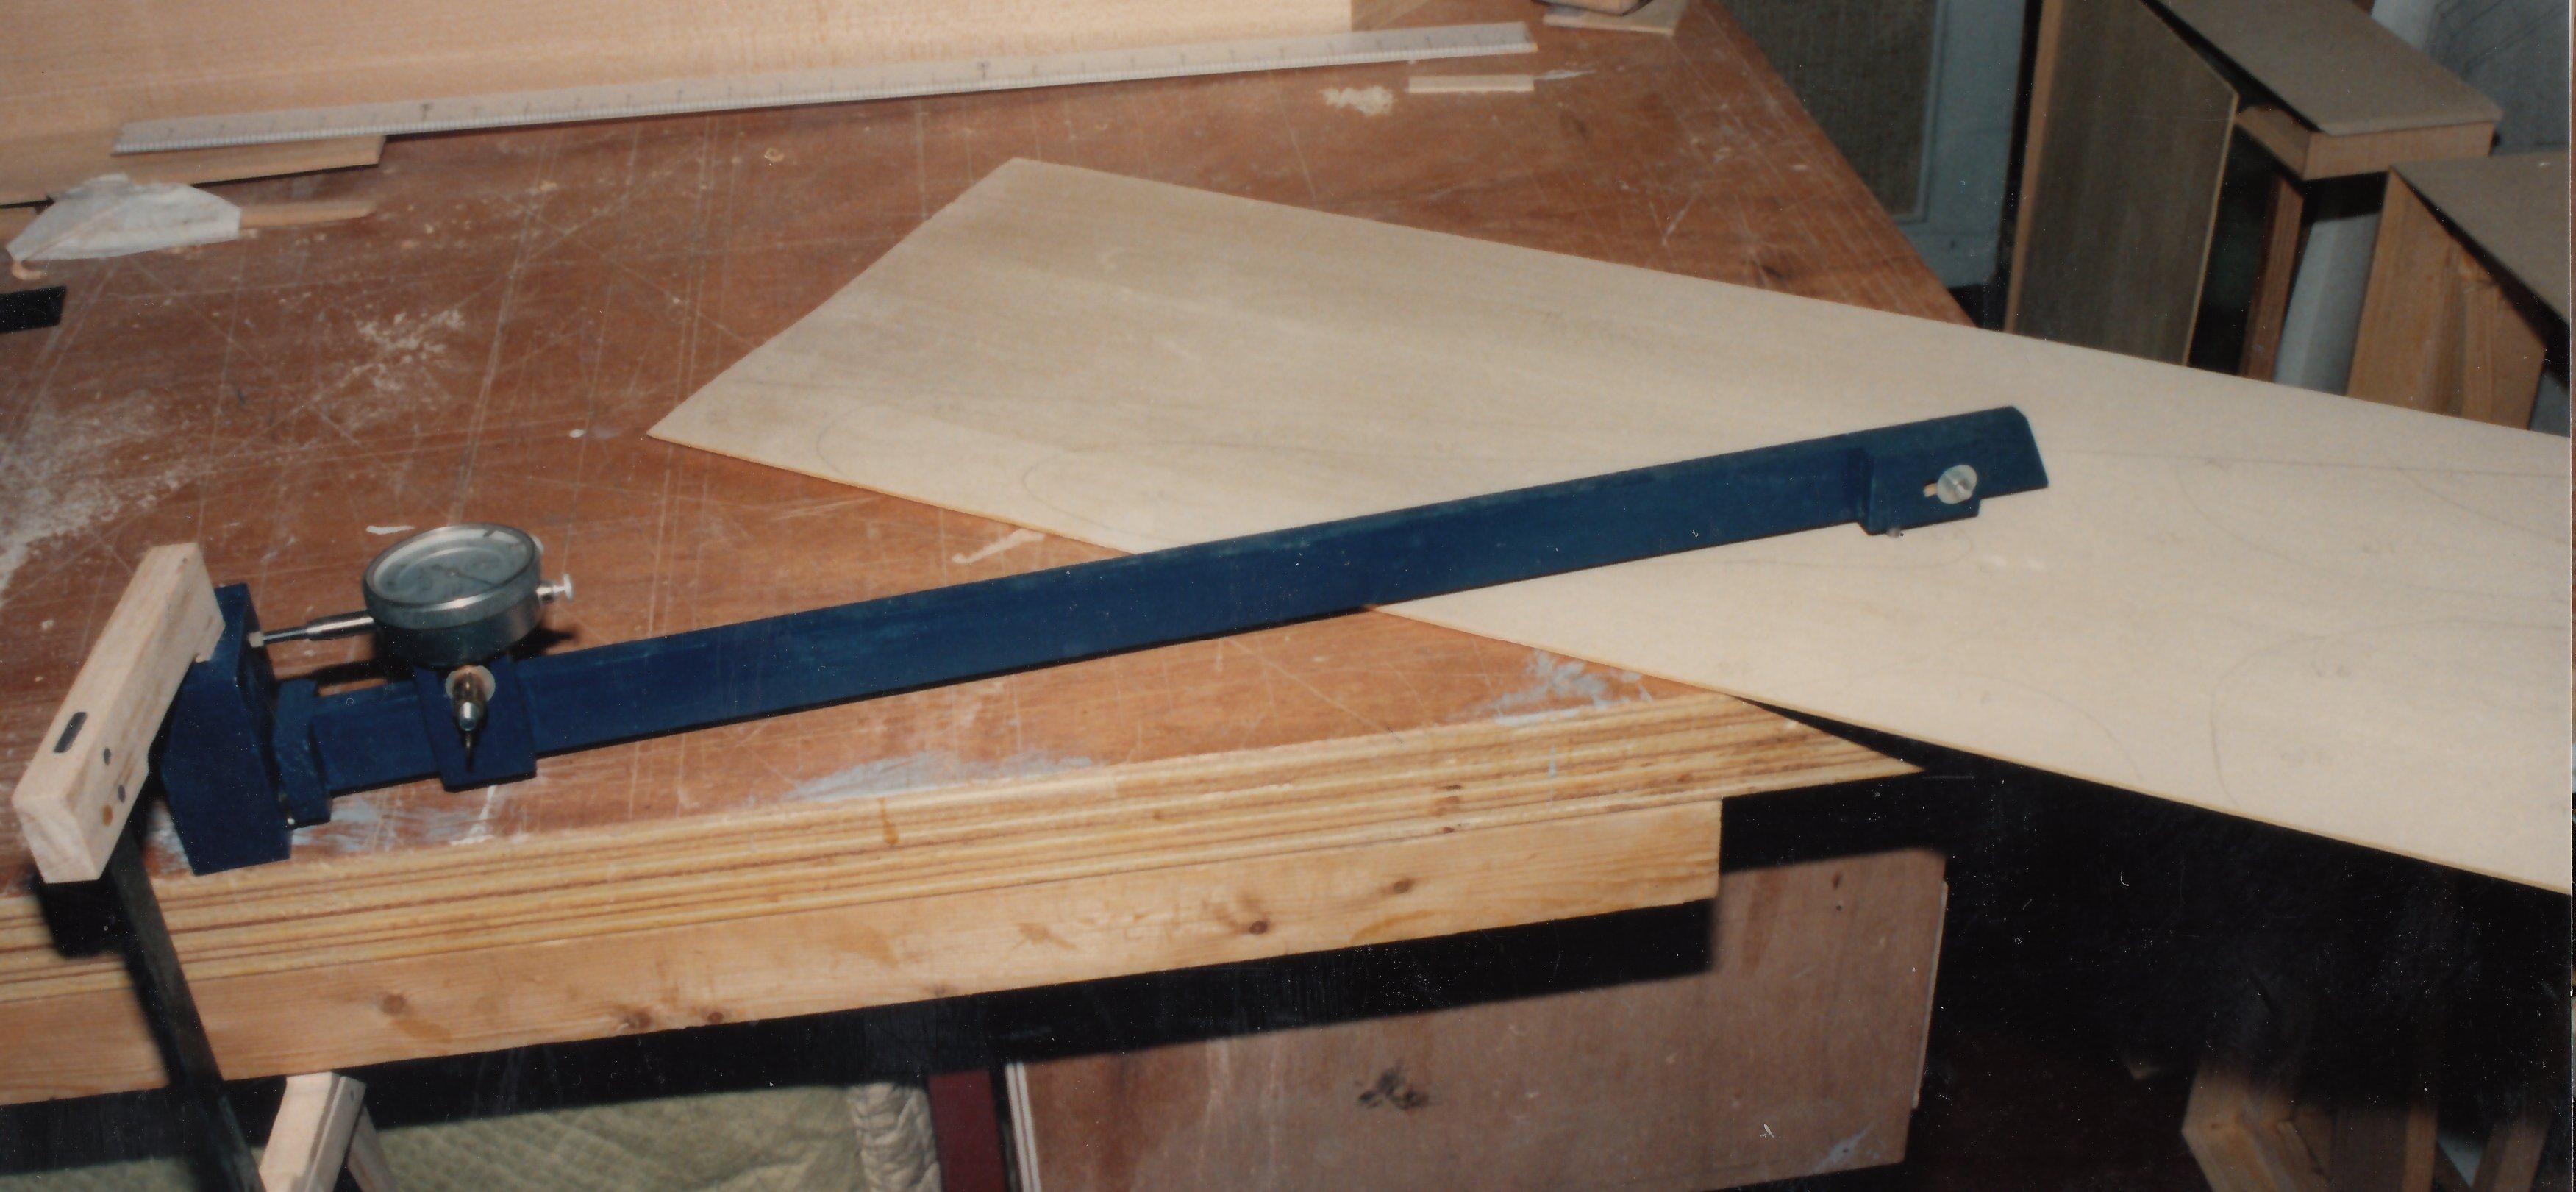 Fabrication d'instruments de musique anciens de bgire - Page 2 20030510302223134916674696